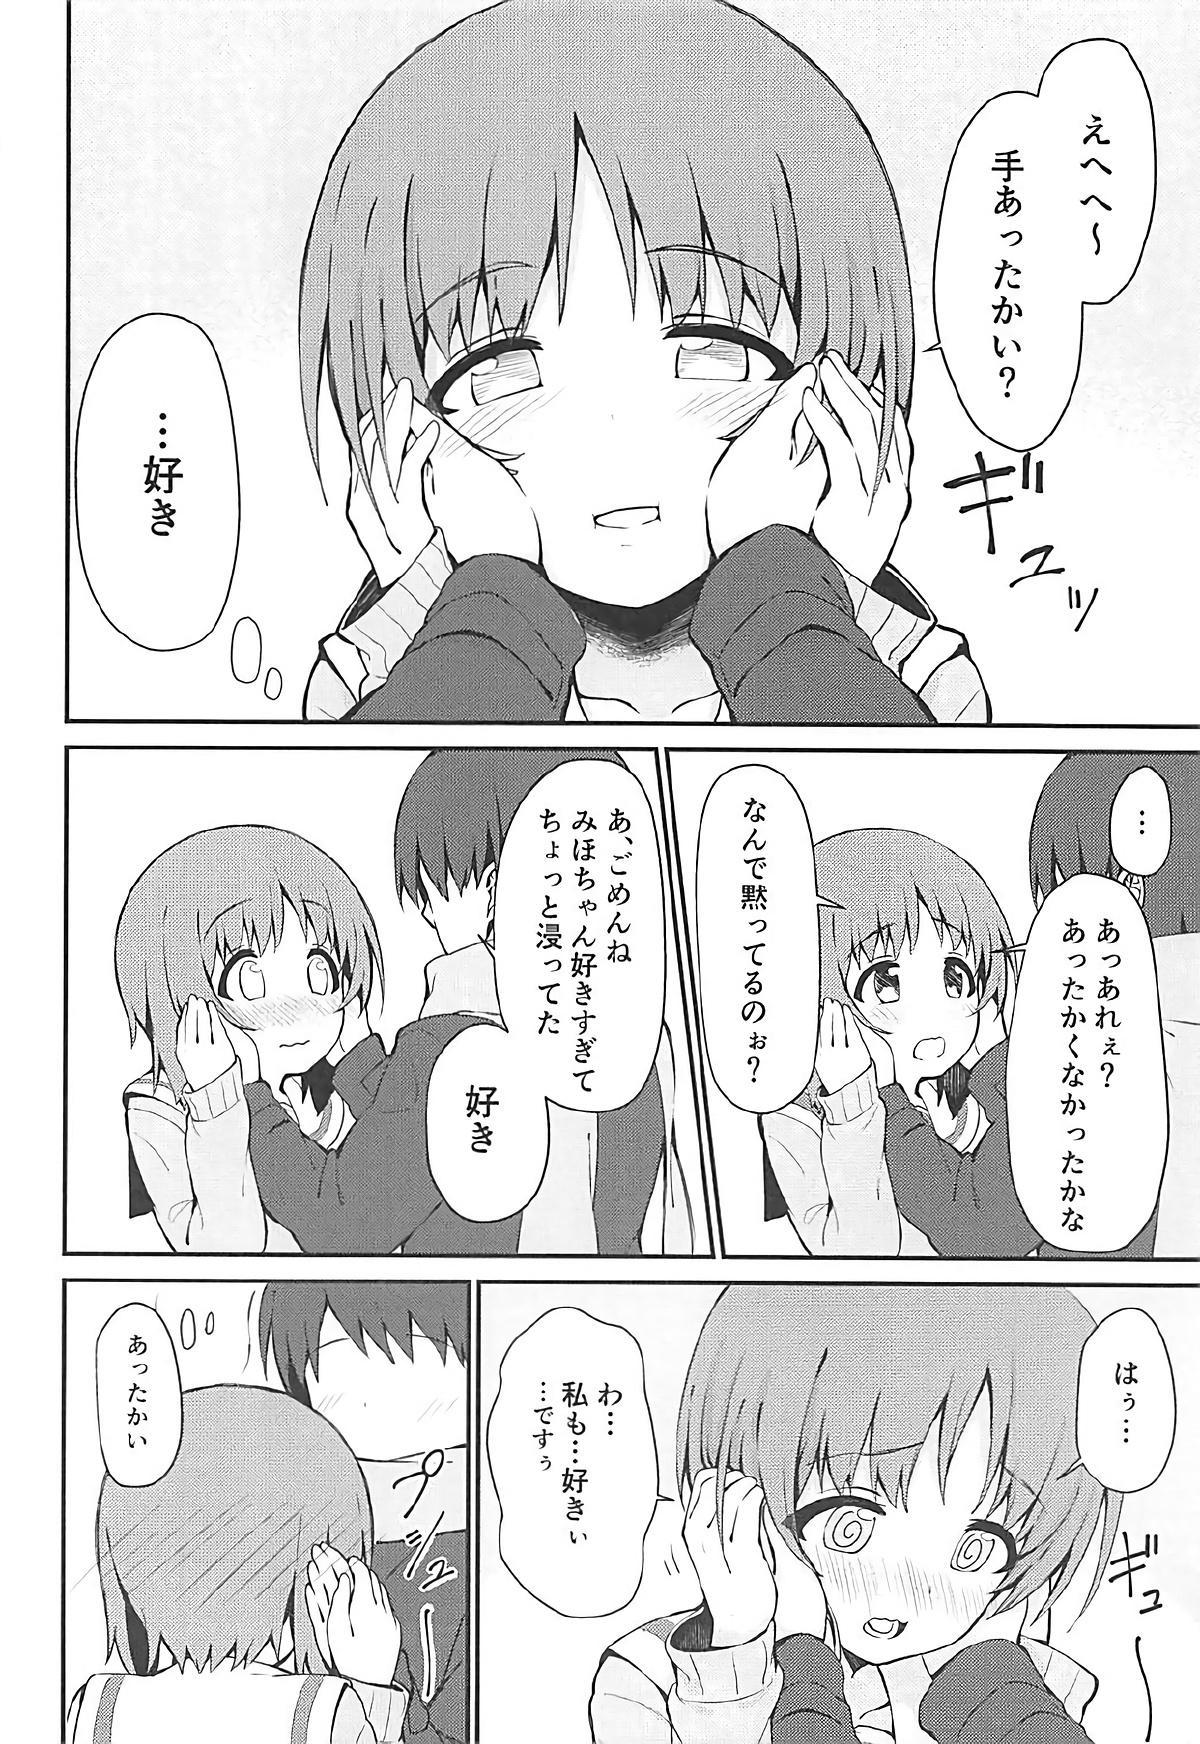 Miporin to Icha Love Ecchi suru Hon 2